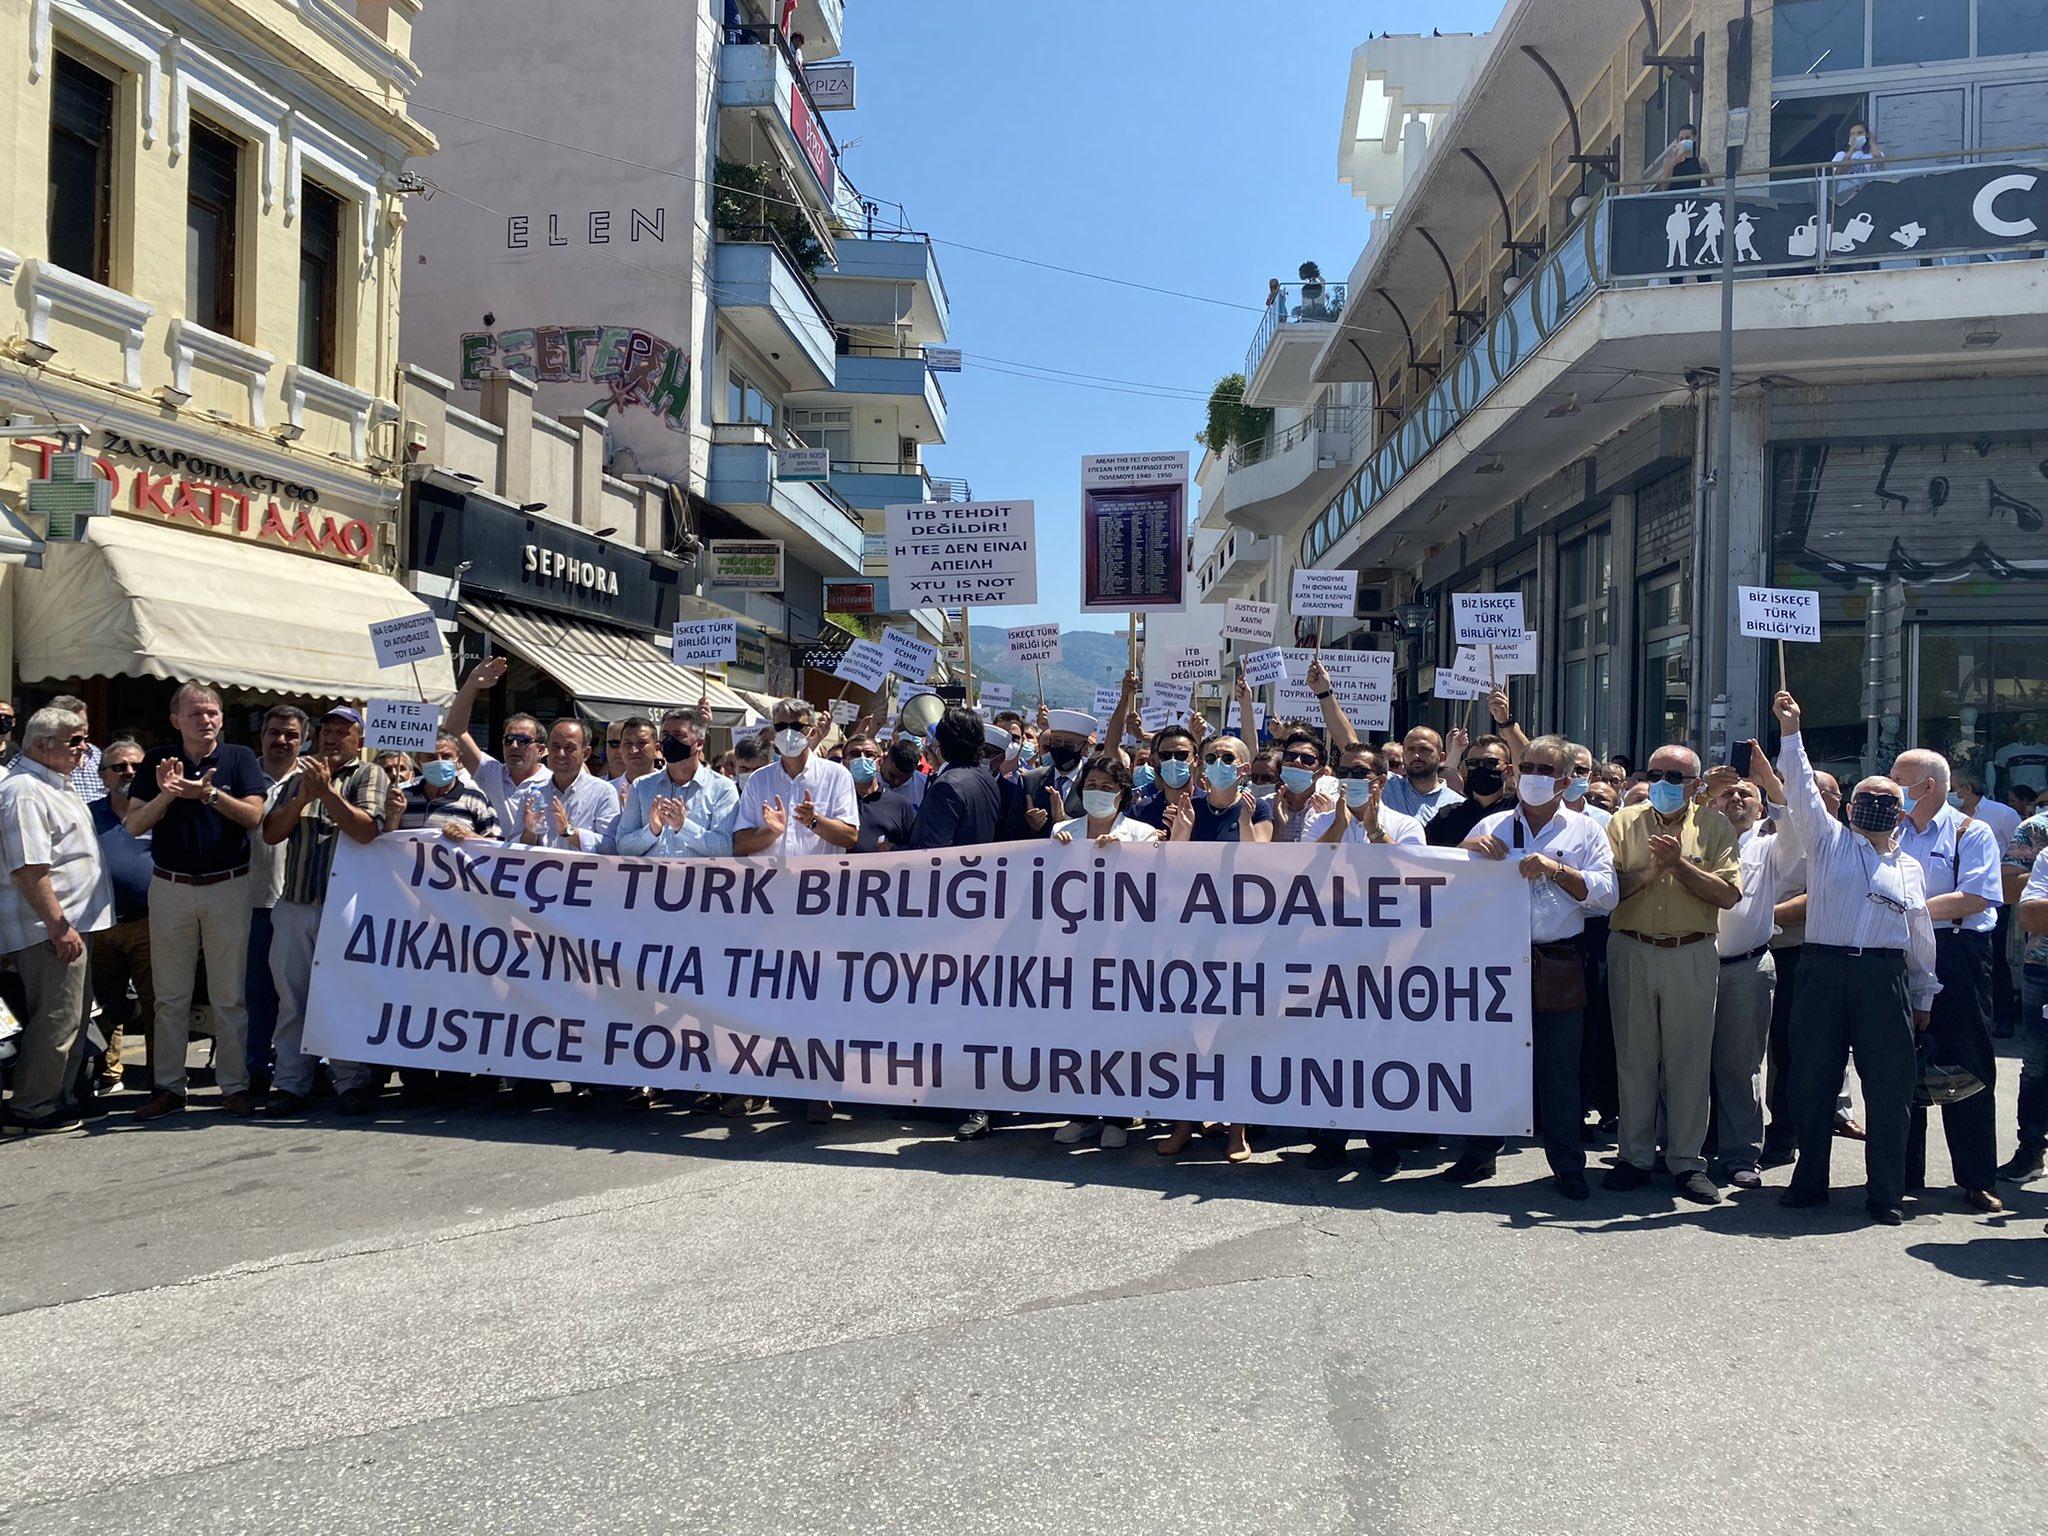 ΥΠΕΞ: Μουσουλμανική και όχι Τουρκική μειονότητα στη Θράκη